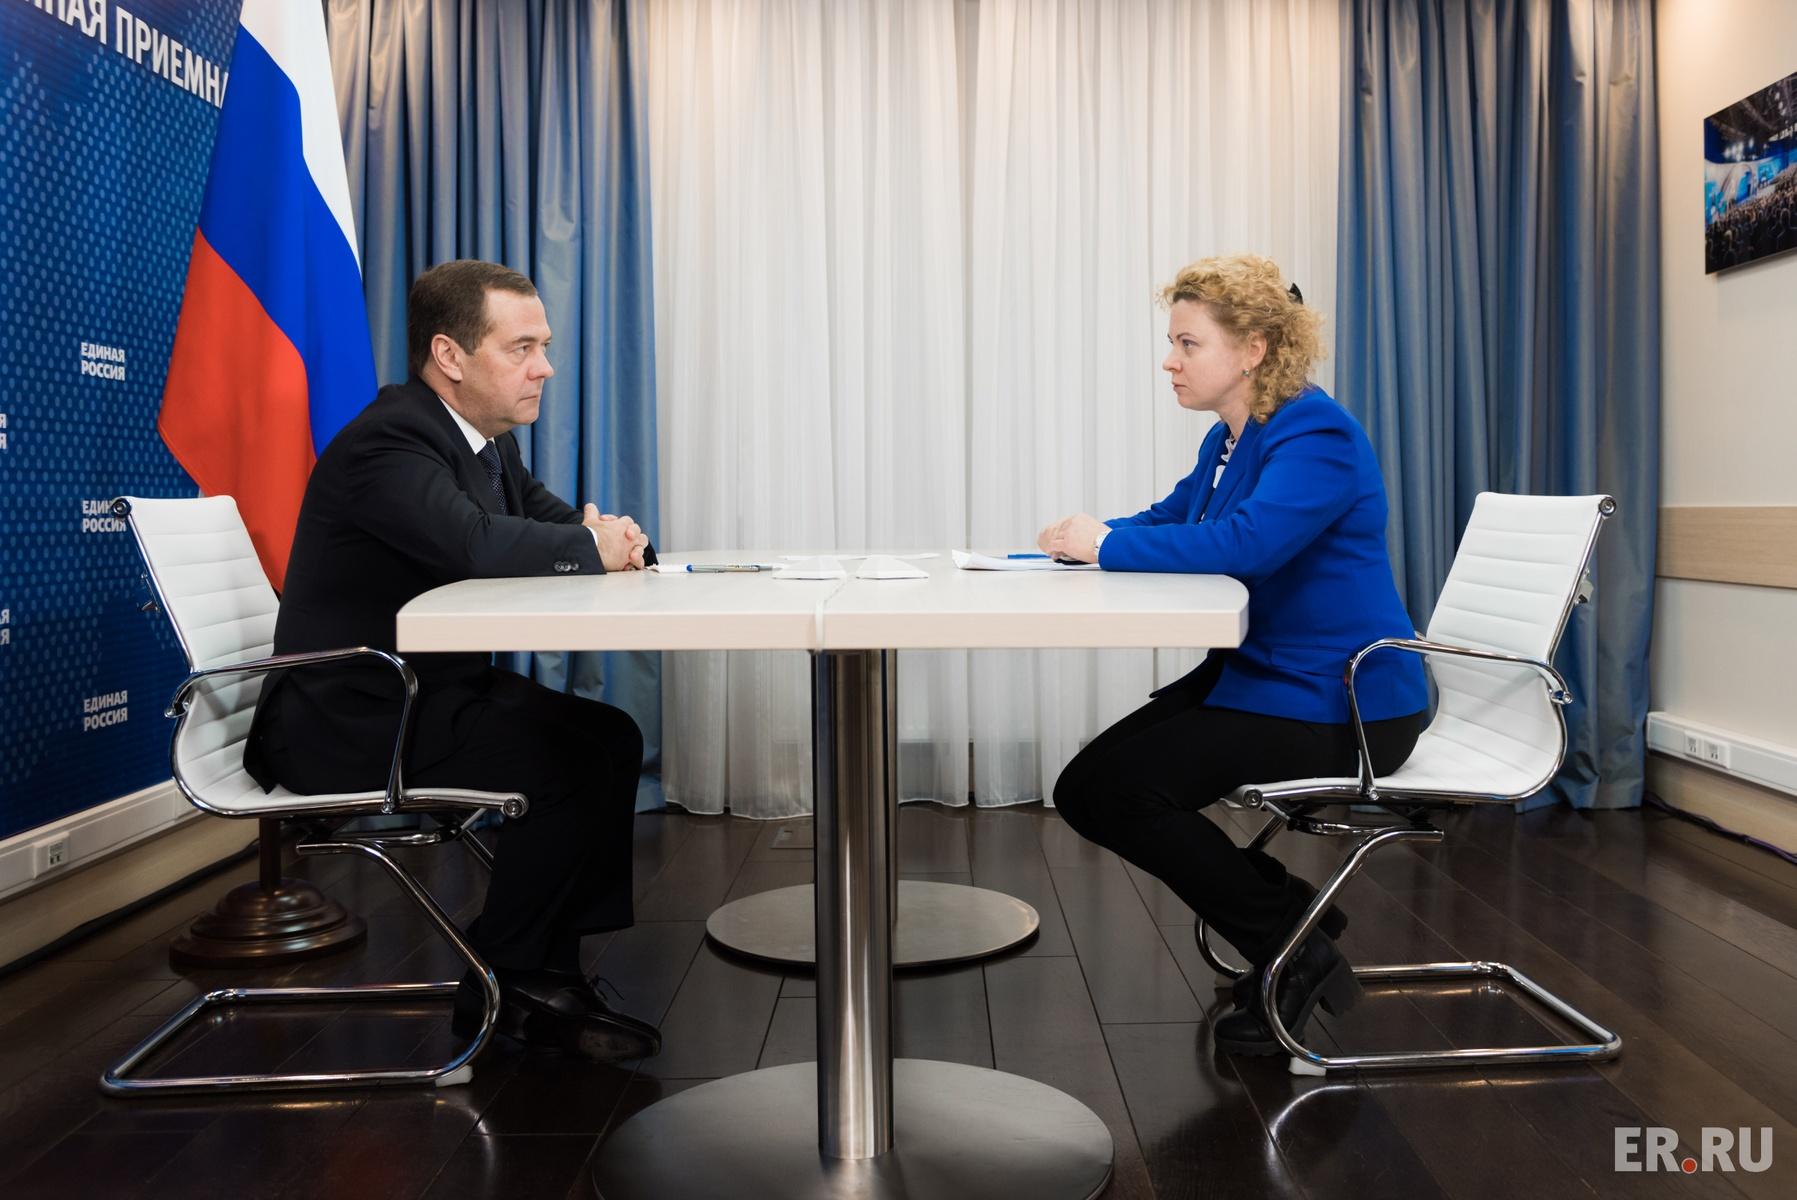 Дмитрий Медведев провел прием граждан в Центральной общественной приемной Партии